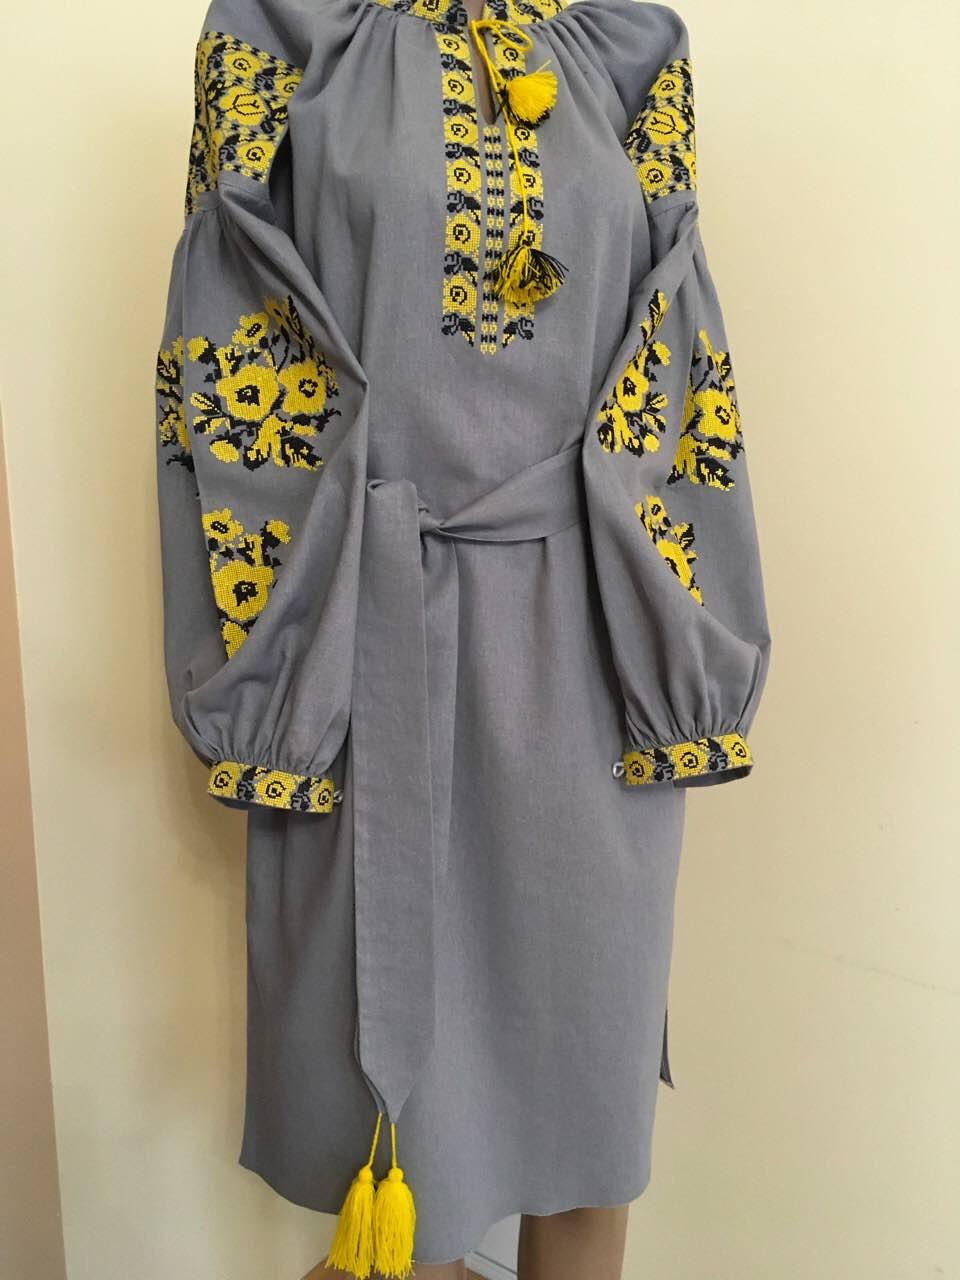 Жіноча сукня вишита трояндами в стилі Бохо